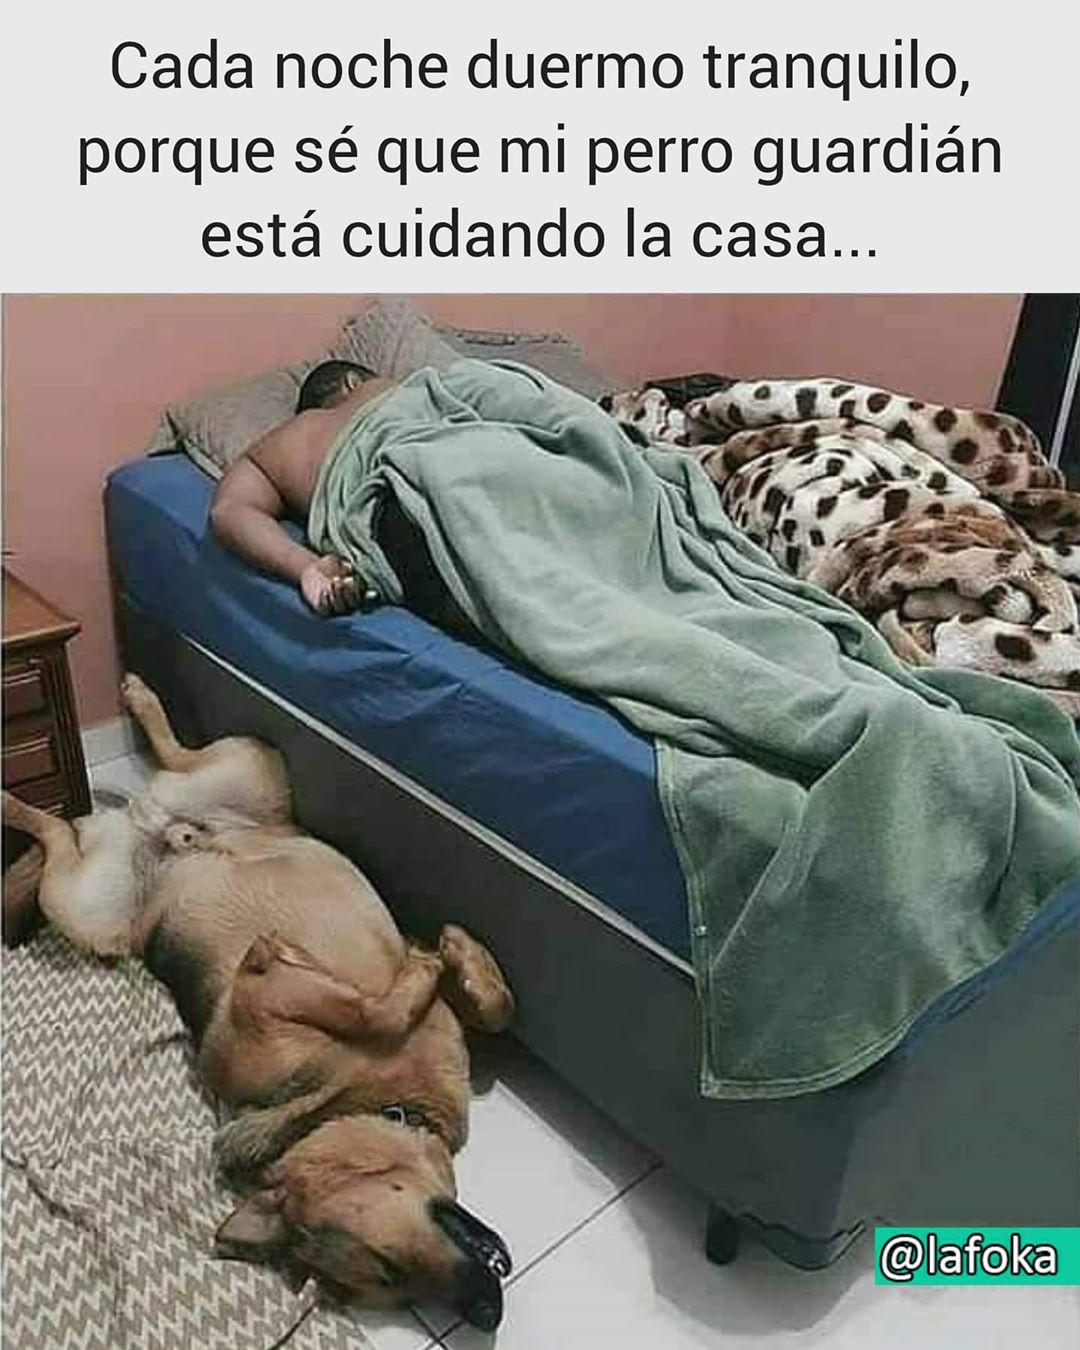 Cada noche duermo tranquilo, porque sé que mi perro guardián está cuidando la casa...